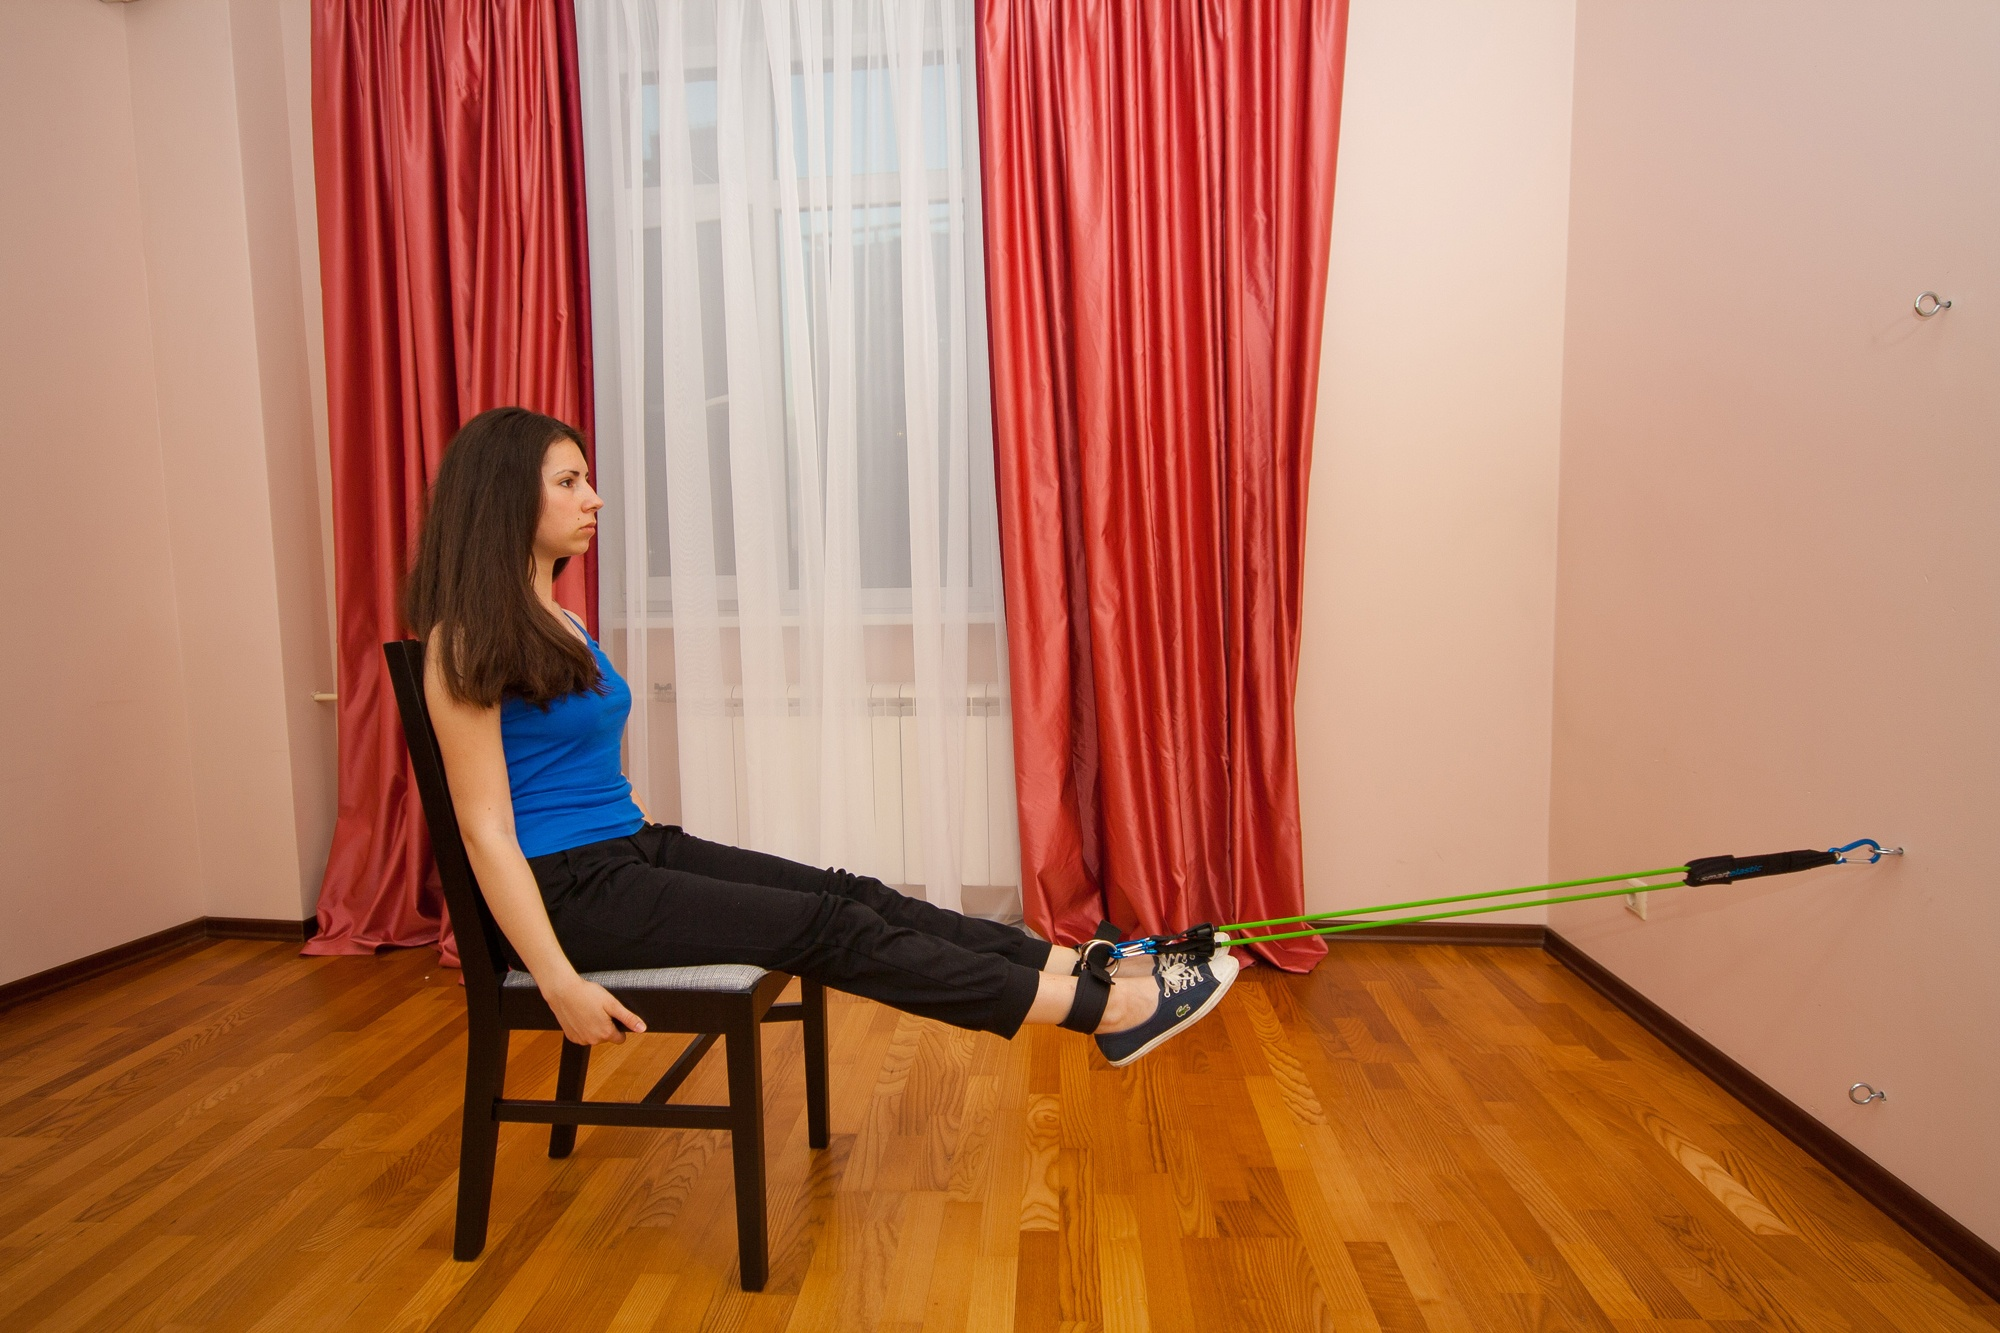 Упражнение с эспандером для ног. Сгибание ног в положении сидя. Задние мышцы бедра (бицепс бедра). Икроножные мышцы.